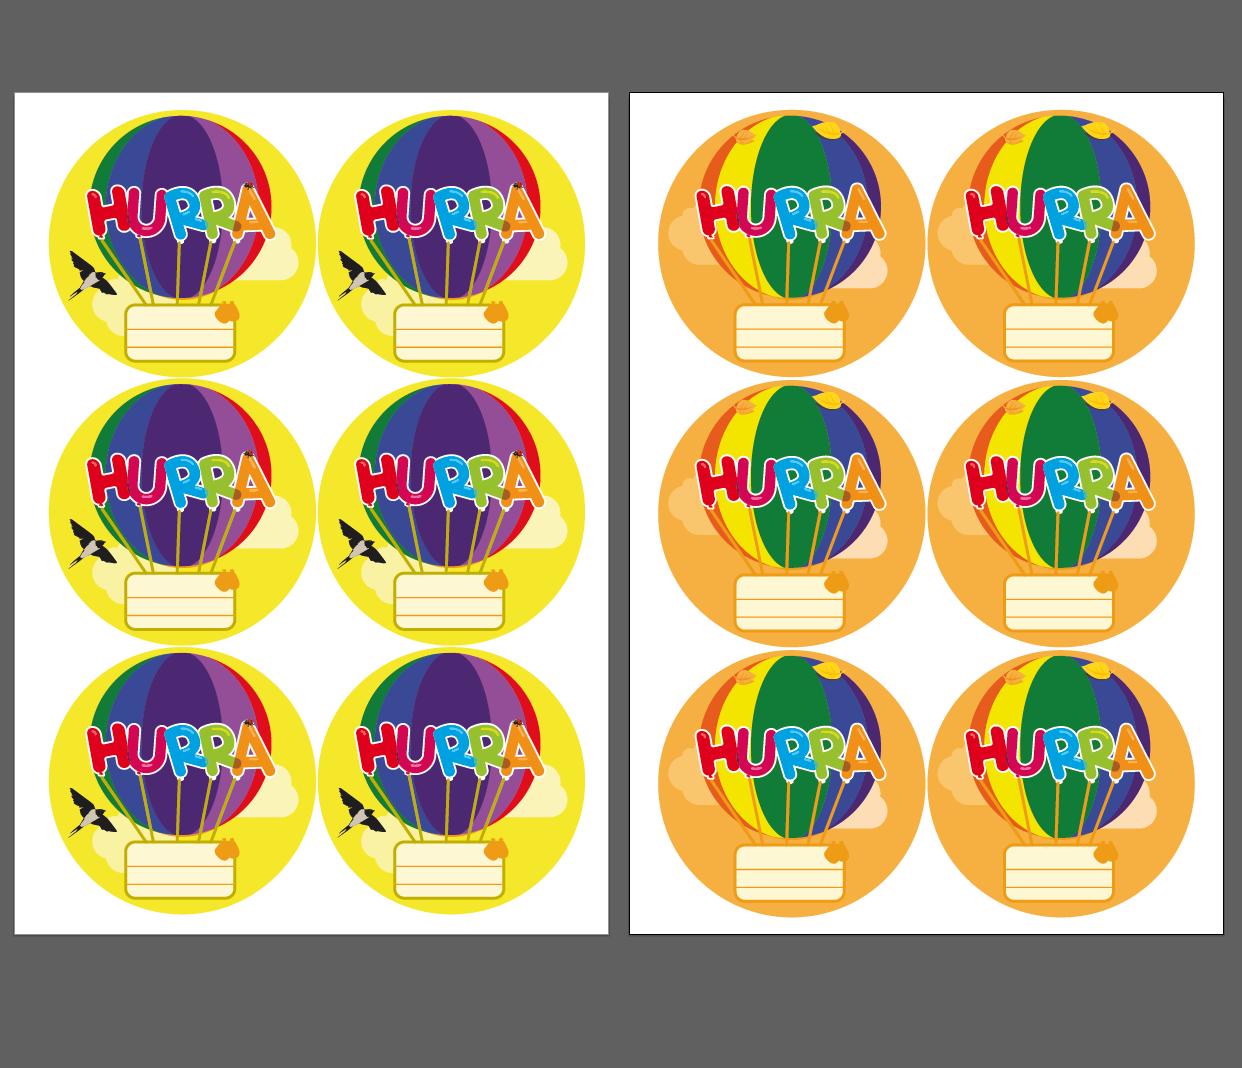 Grattismärken, luftballonger som du kan skriva elevens namn på. Olika färger som matchar månadens namn